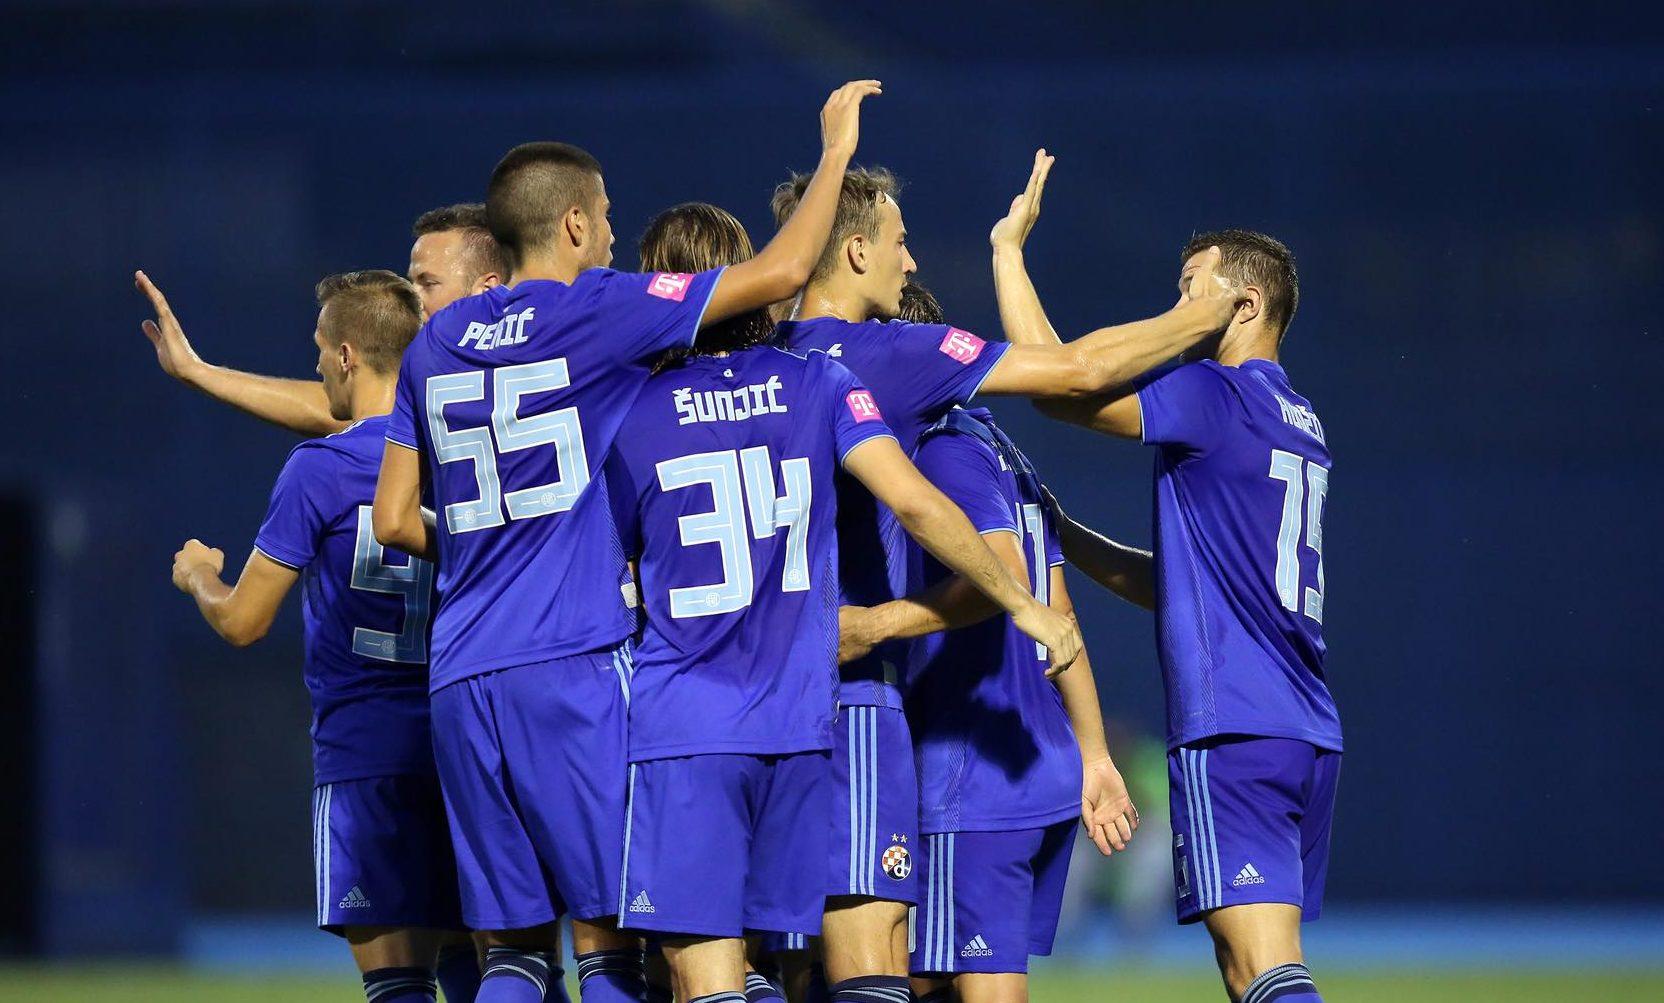 Dinamo Zagabria-Rijeka 22 maggio: si gioca la finalissima della coppa nazionale di Croazia. Quale squadra vincerà il trofeo?